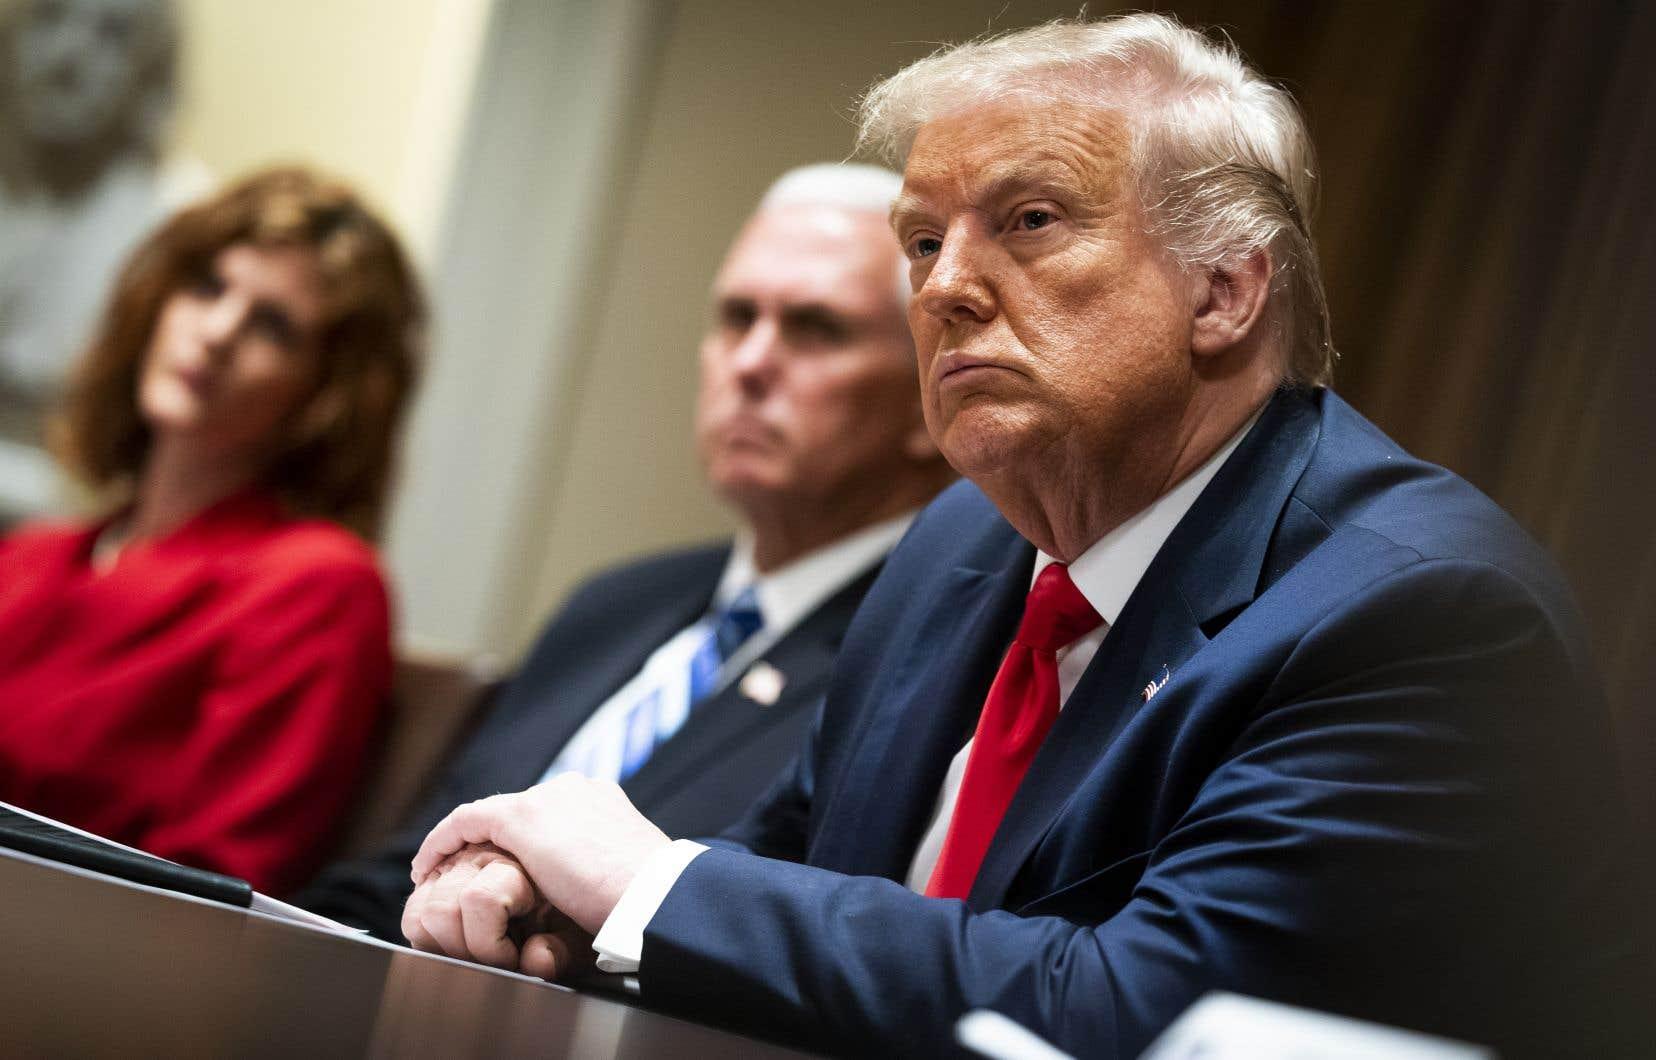 «[TikTok] fermera le 15septembre à moins que Microsoft ou une autre entreprise soit en mesure de l'acheter et de trouver un accord», a indiqué le président américain, Donald Trump.